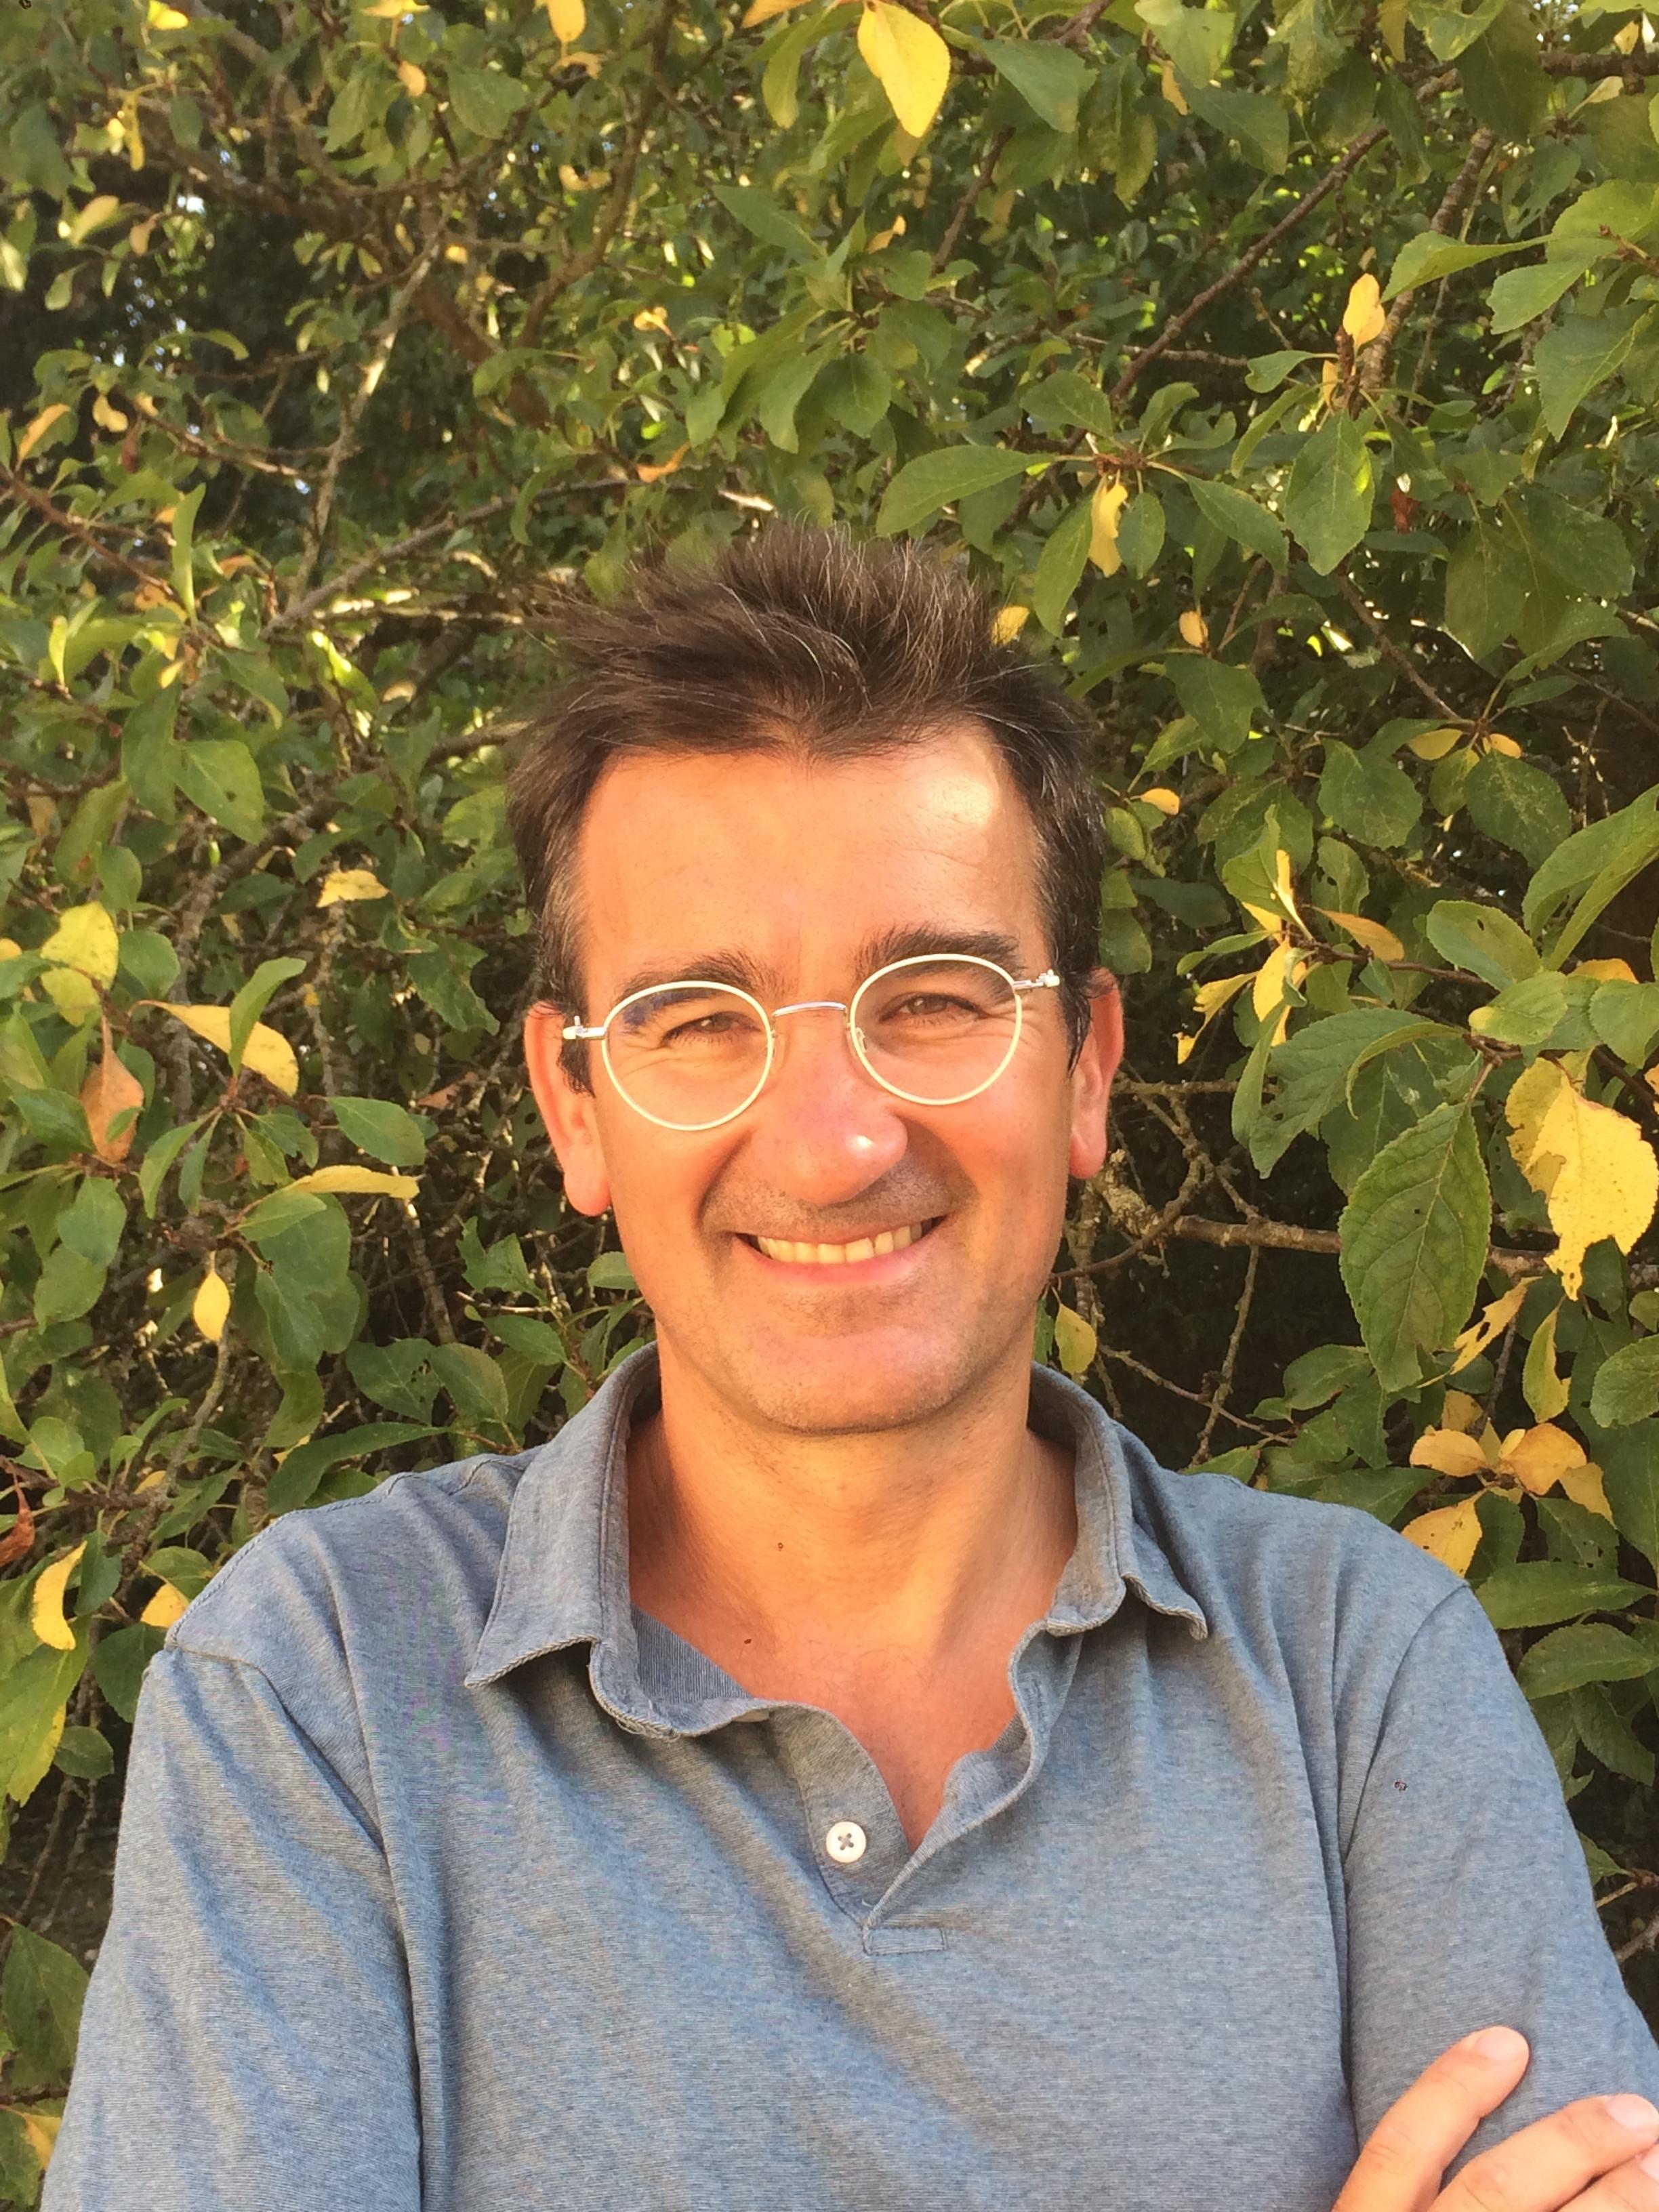 Erwan Faou